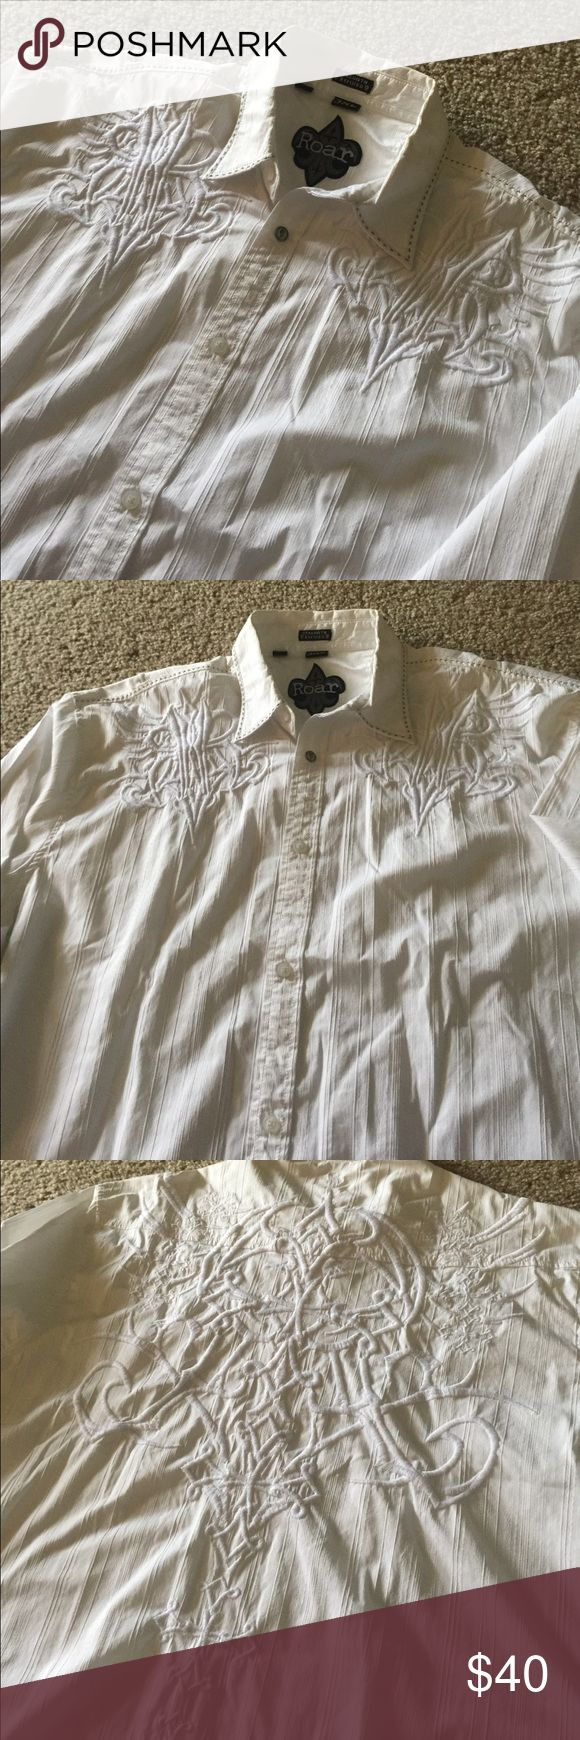 Men's ROAR XXXL causal button down shirt Casual button down long sleeve shirt Roar Shirts Casual Button Down Shirts